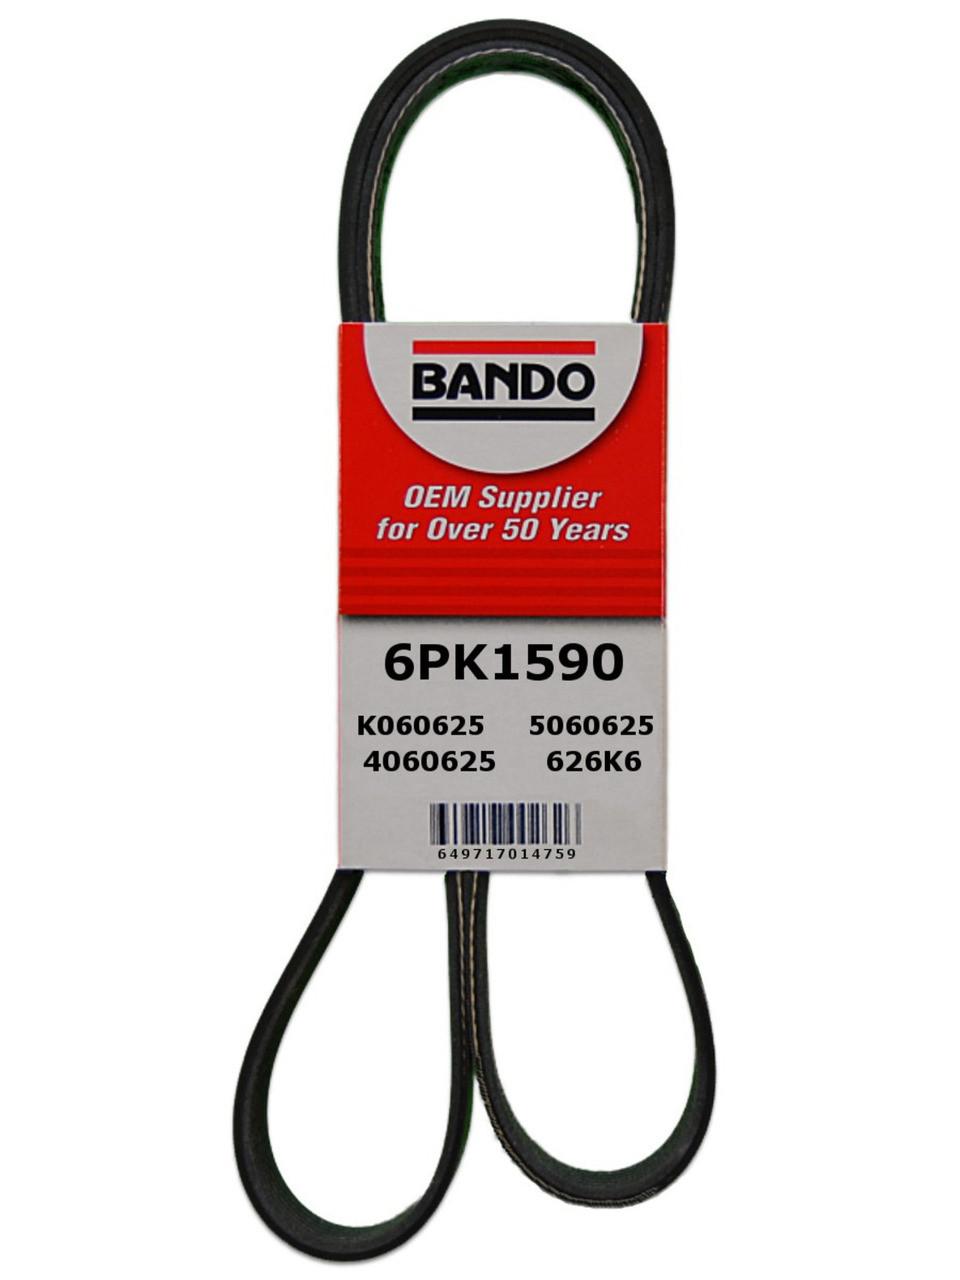 Dayco 5060625 Serpentine Belt